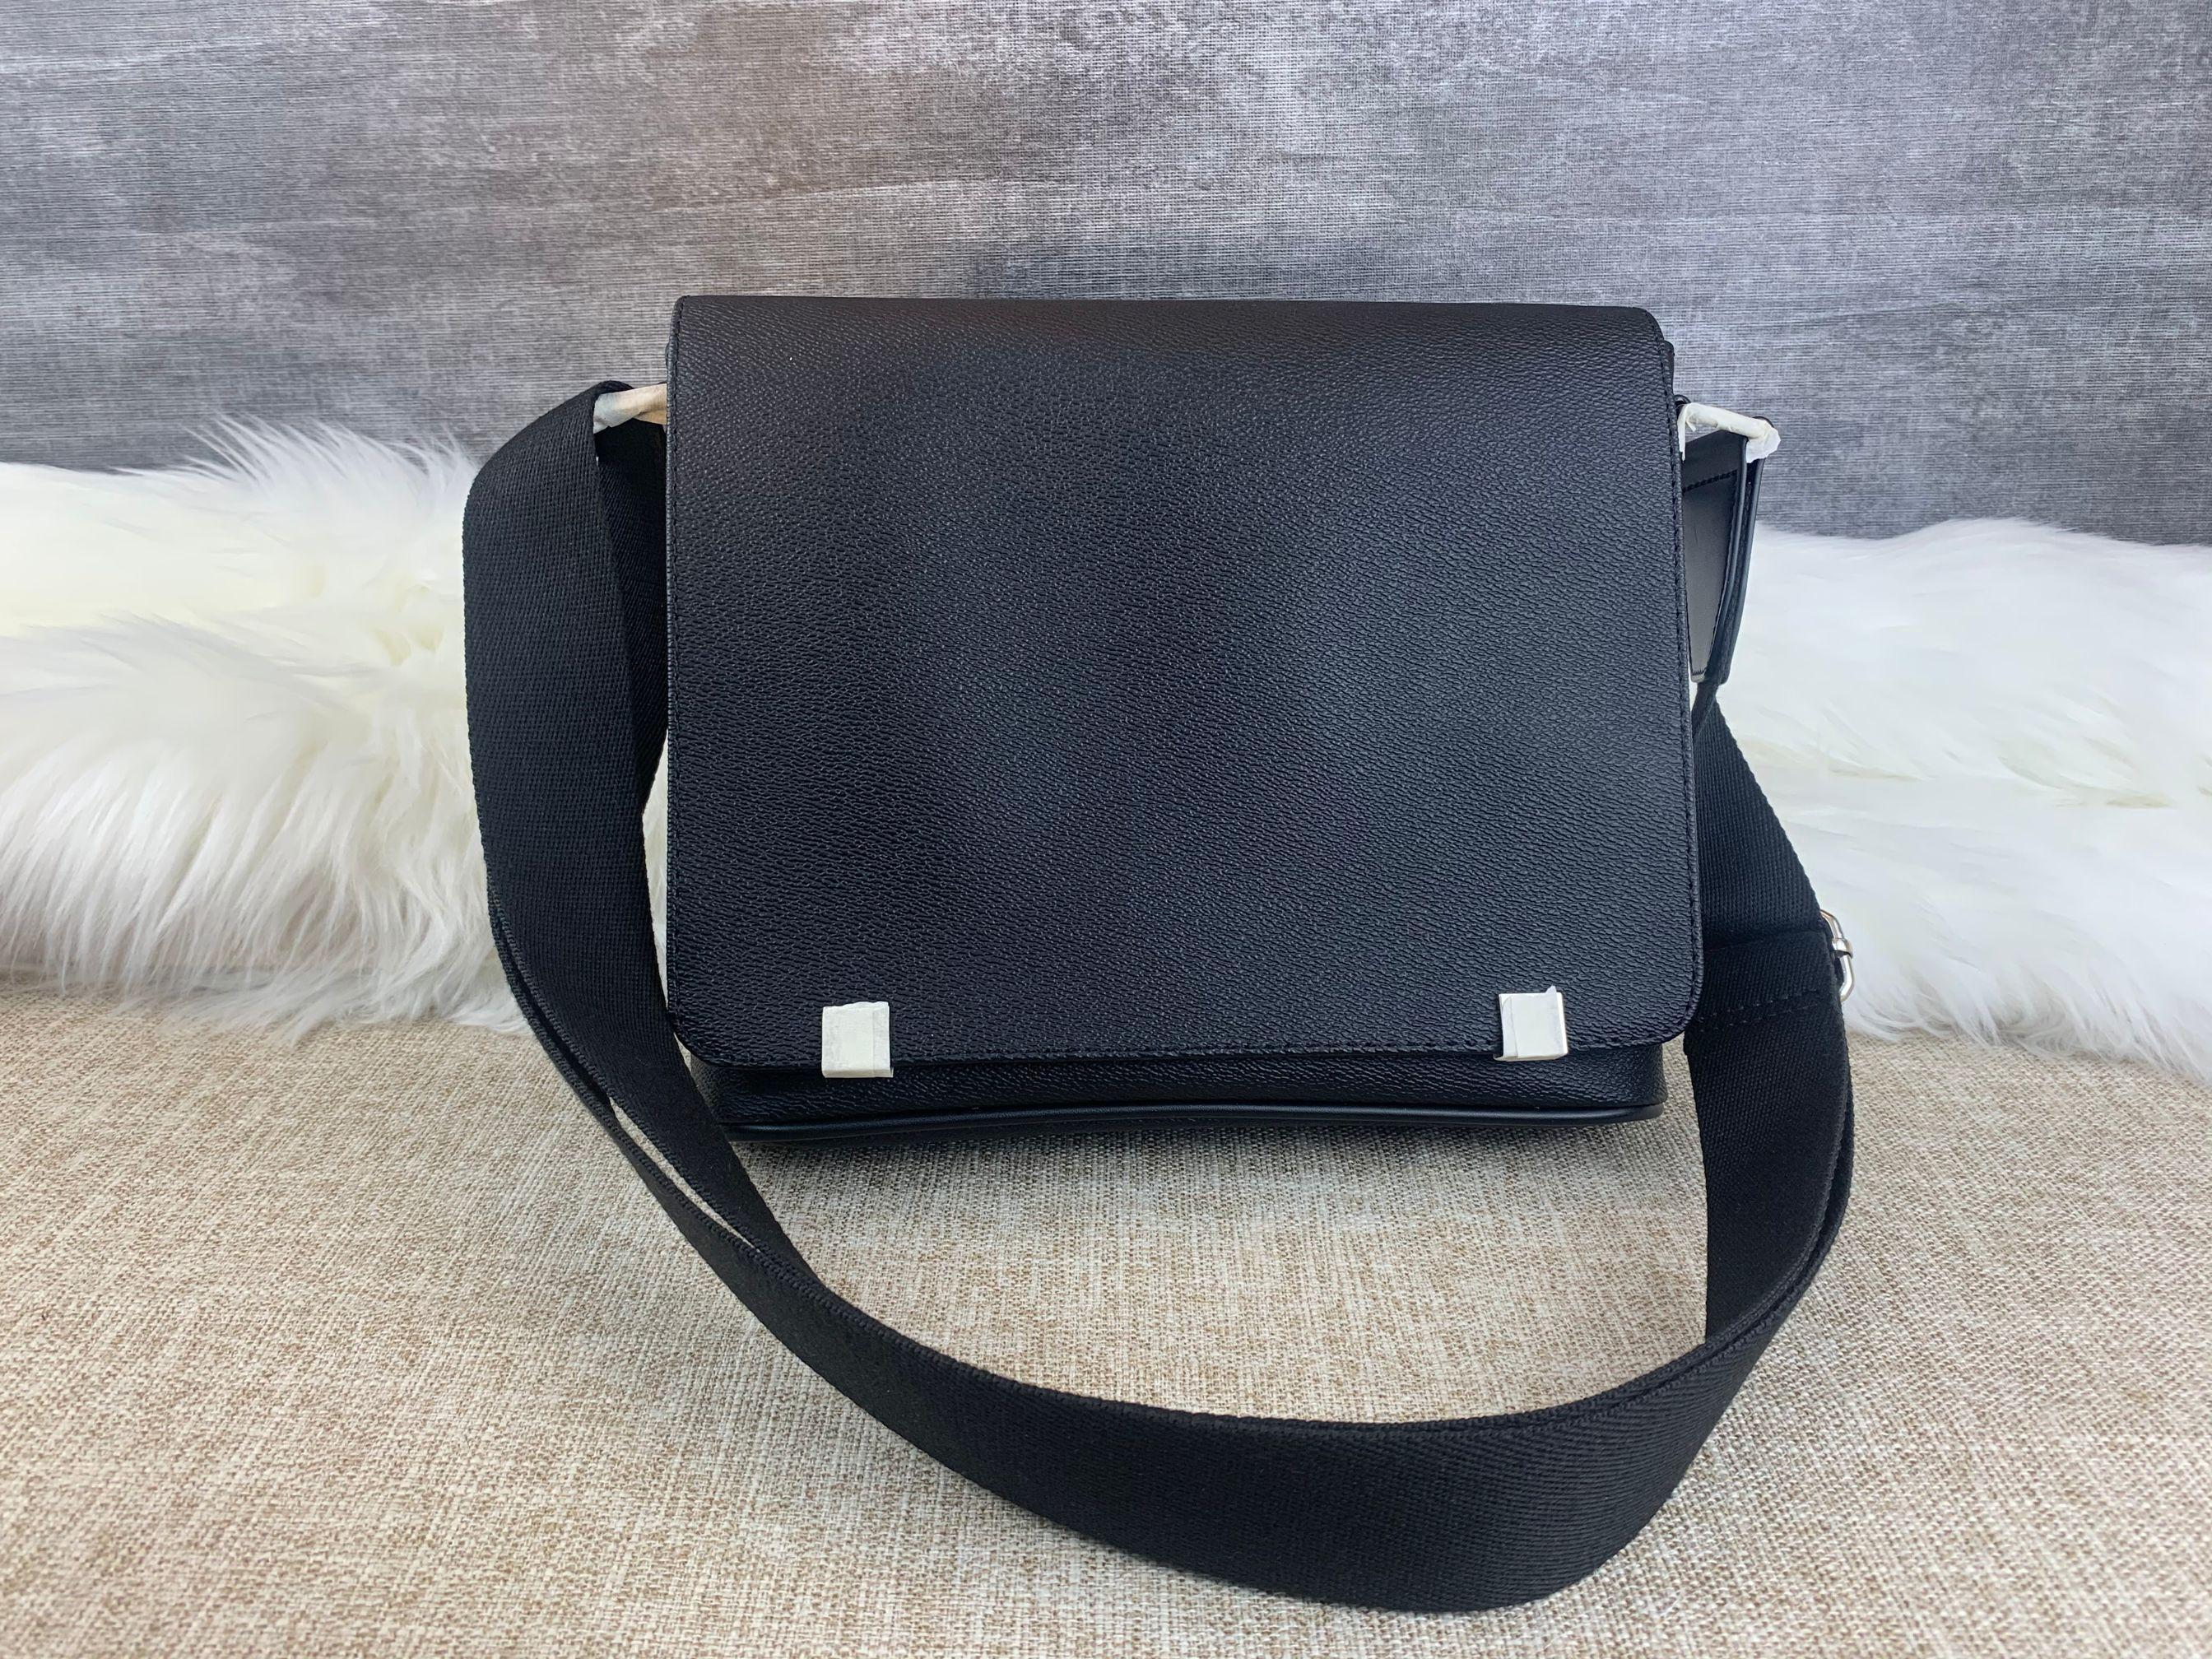 2020 Männer Messenger Bag  Man Leder Handtasche Einzelner Umhängetaschen Geldbörse Kleine